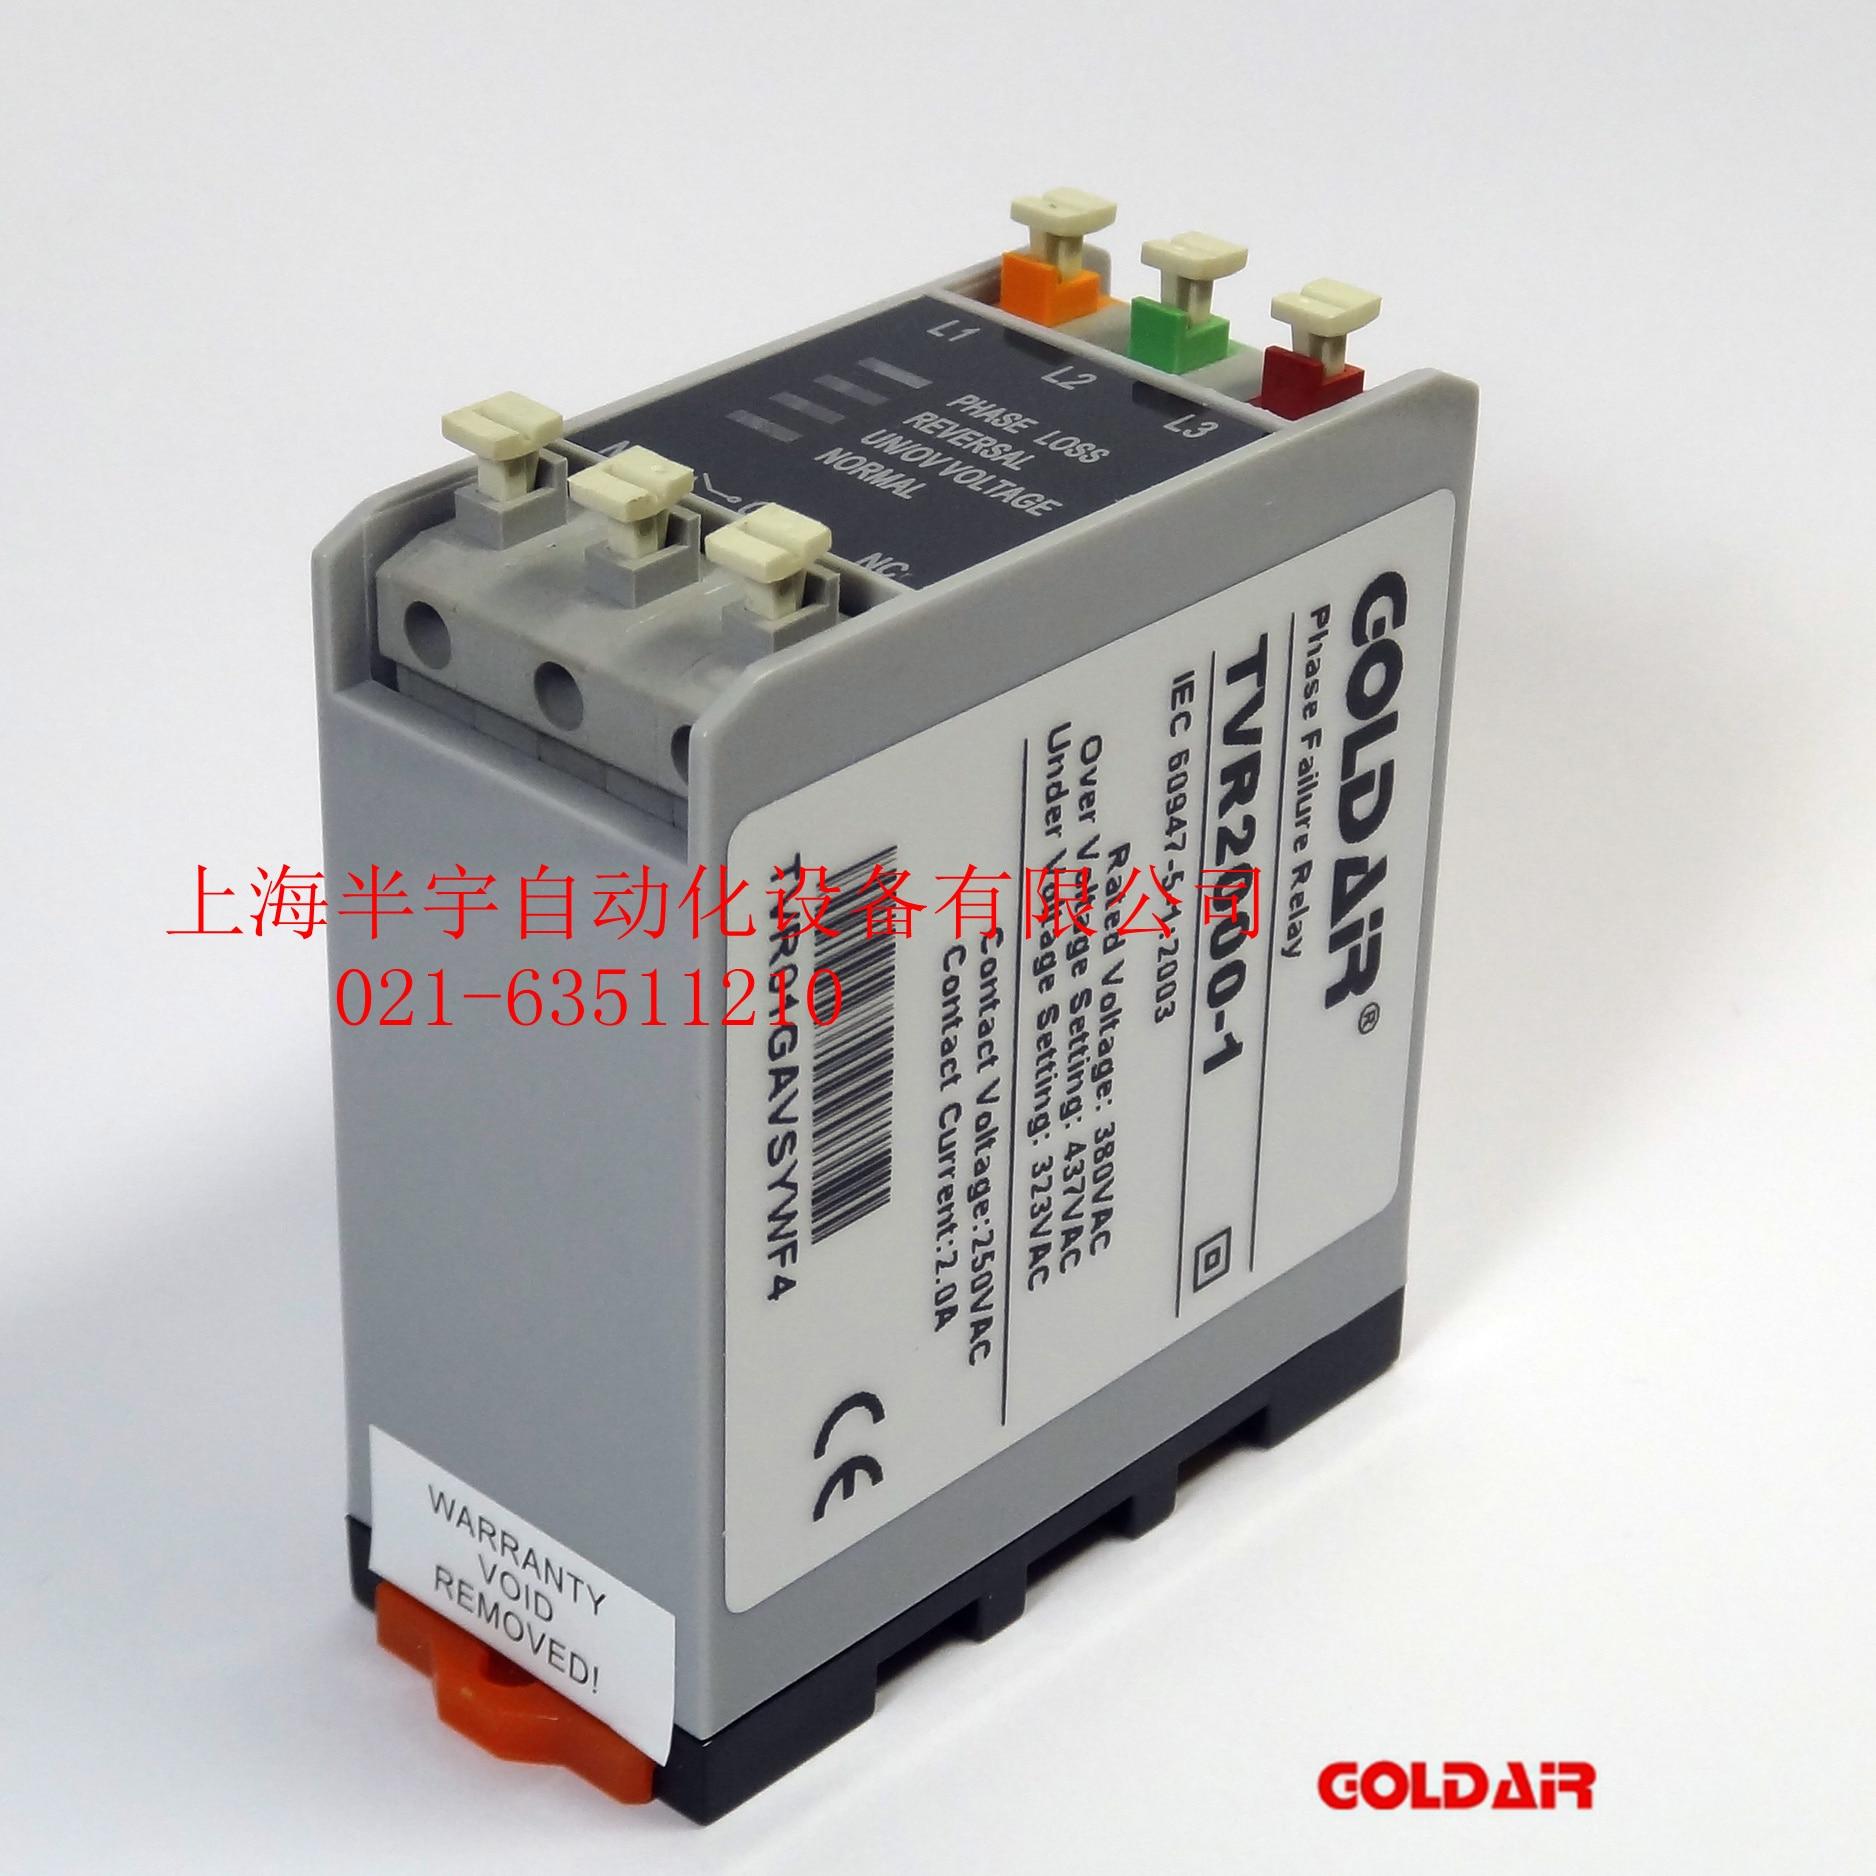 ثلاث مراحل مراقبة الطاقة ، المرحلة تسلسل حامي goldair TVR2000-1/TVR2000-1JY